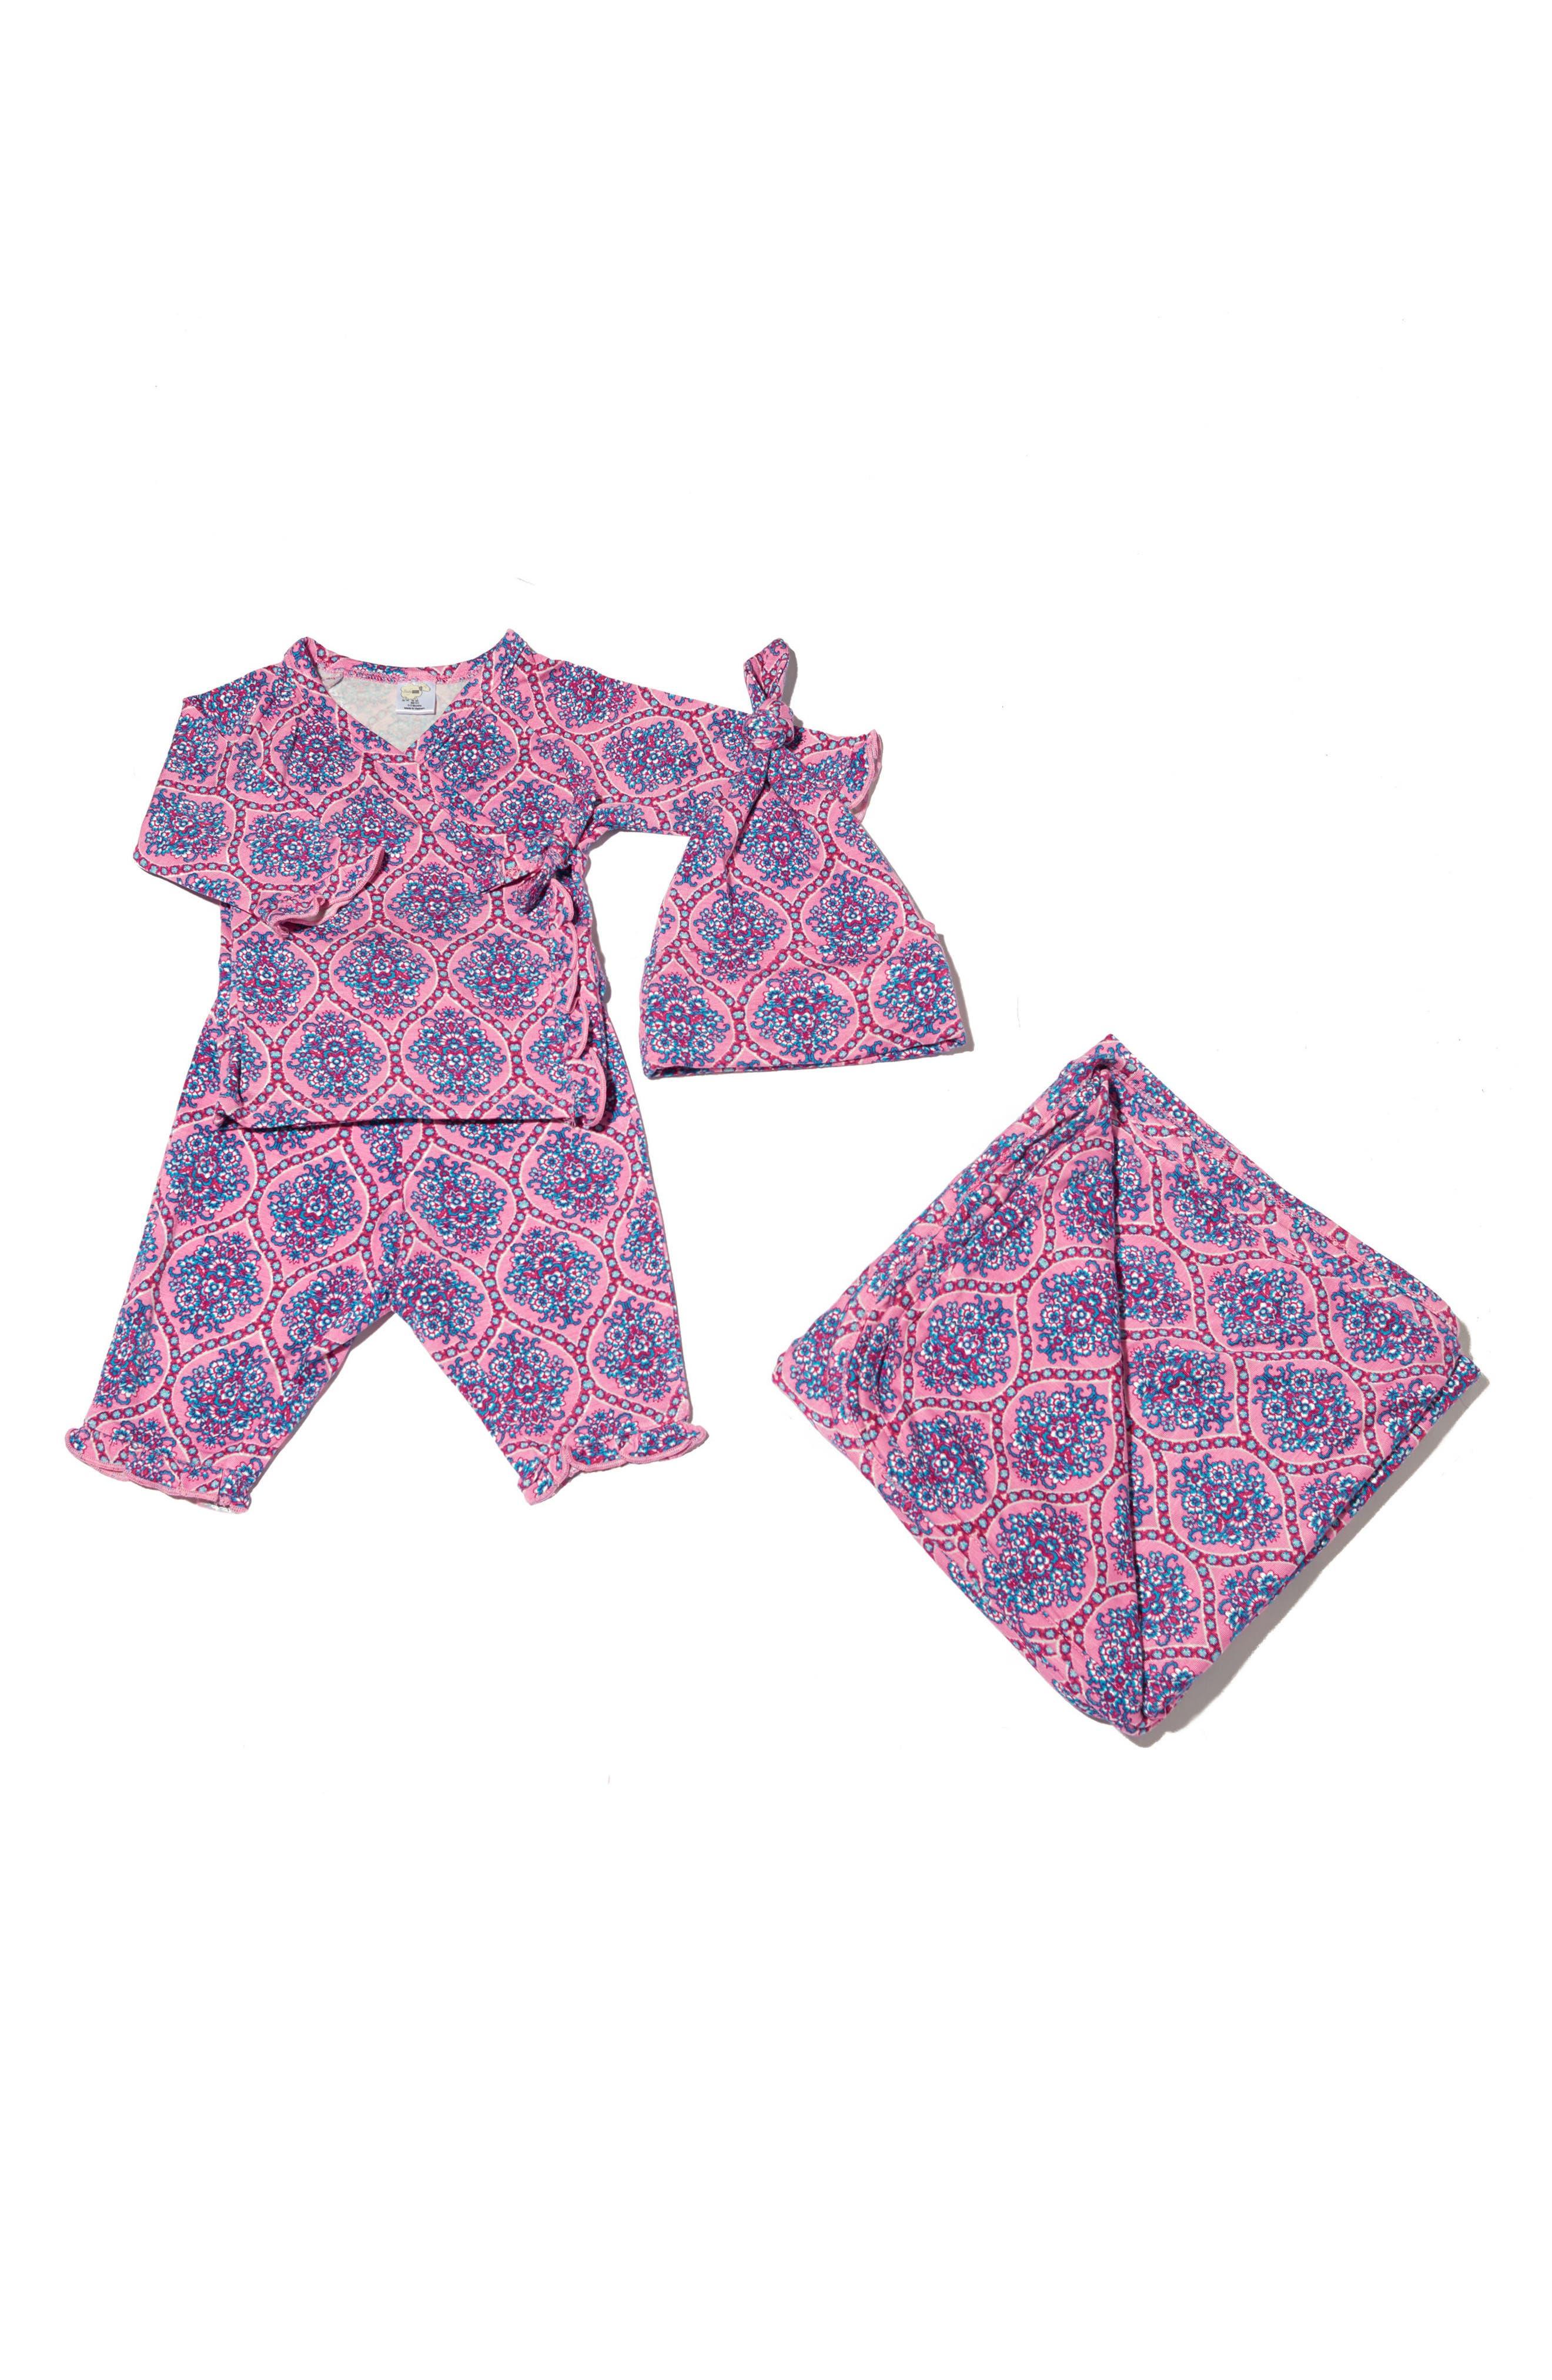 Ruffle Kimono Top, Pants, Hat & Blanket Set,                             Main thumbnail 1, color,                             504